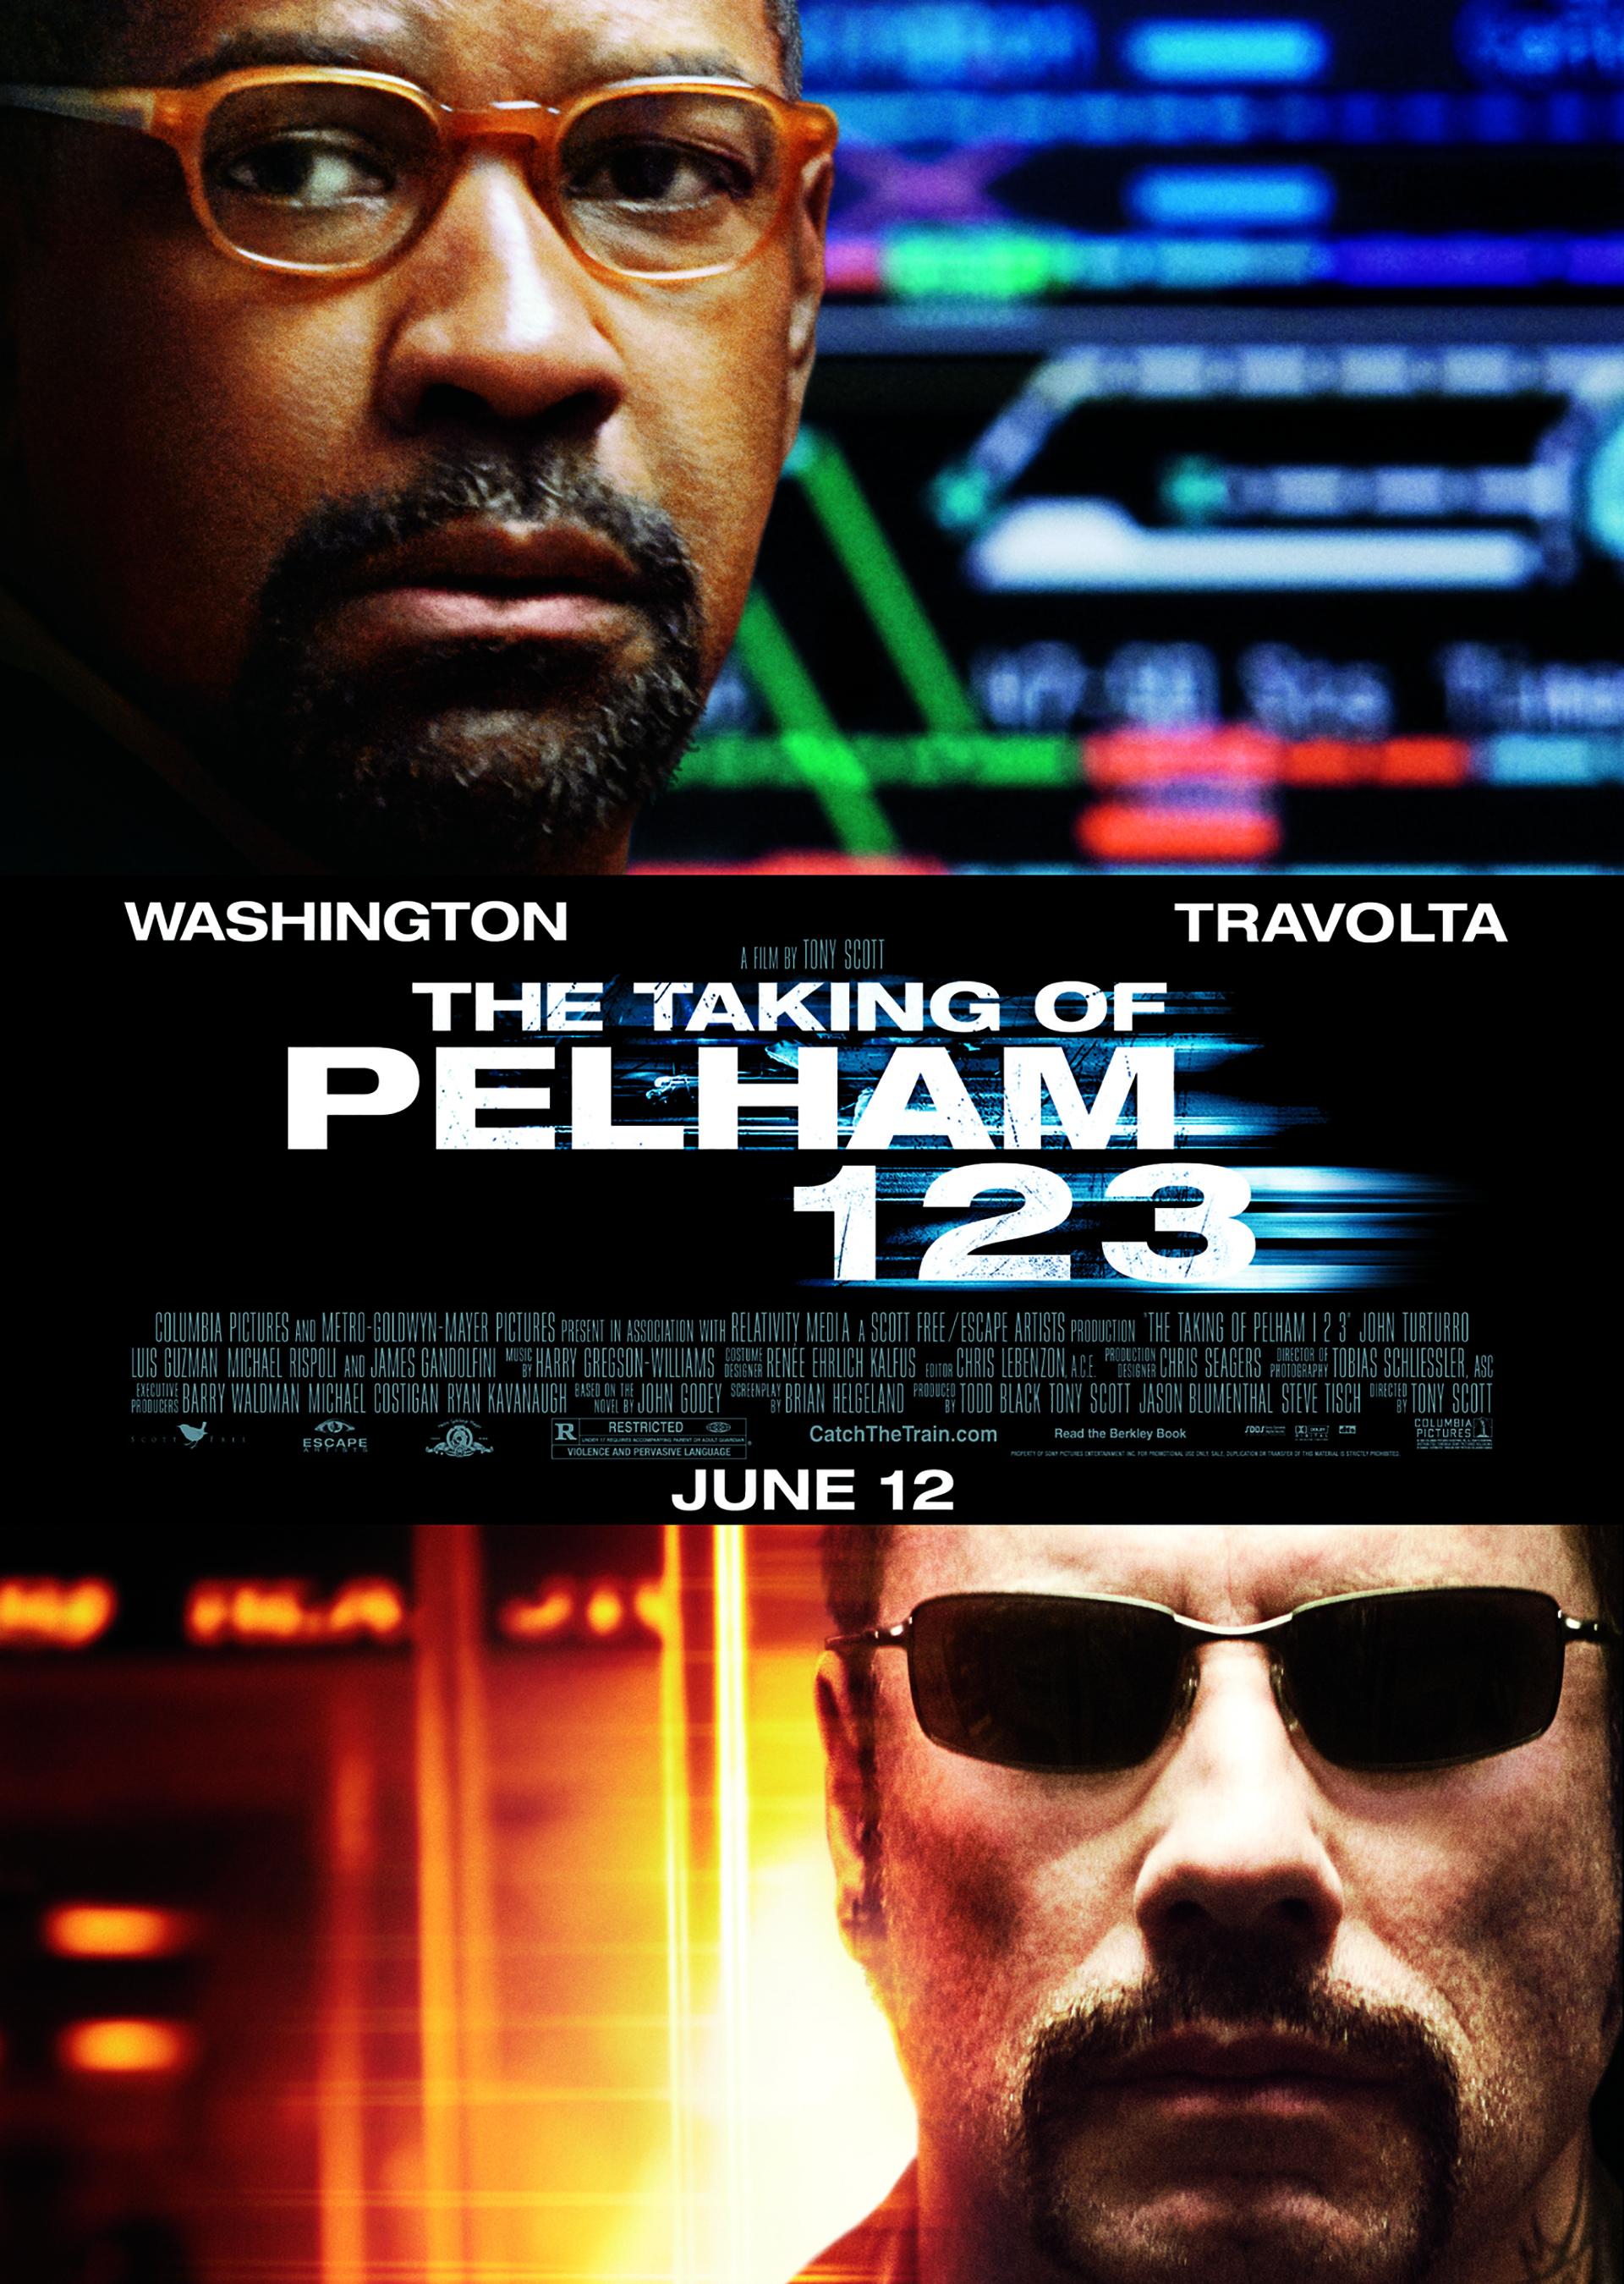 Taking Of Pelham 123 EDIT.jpg